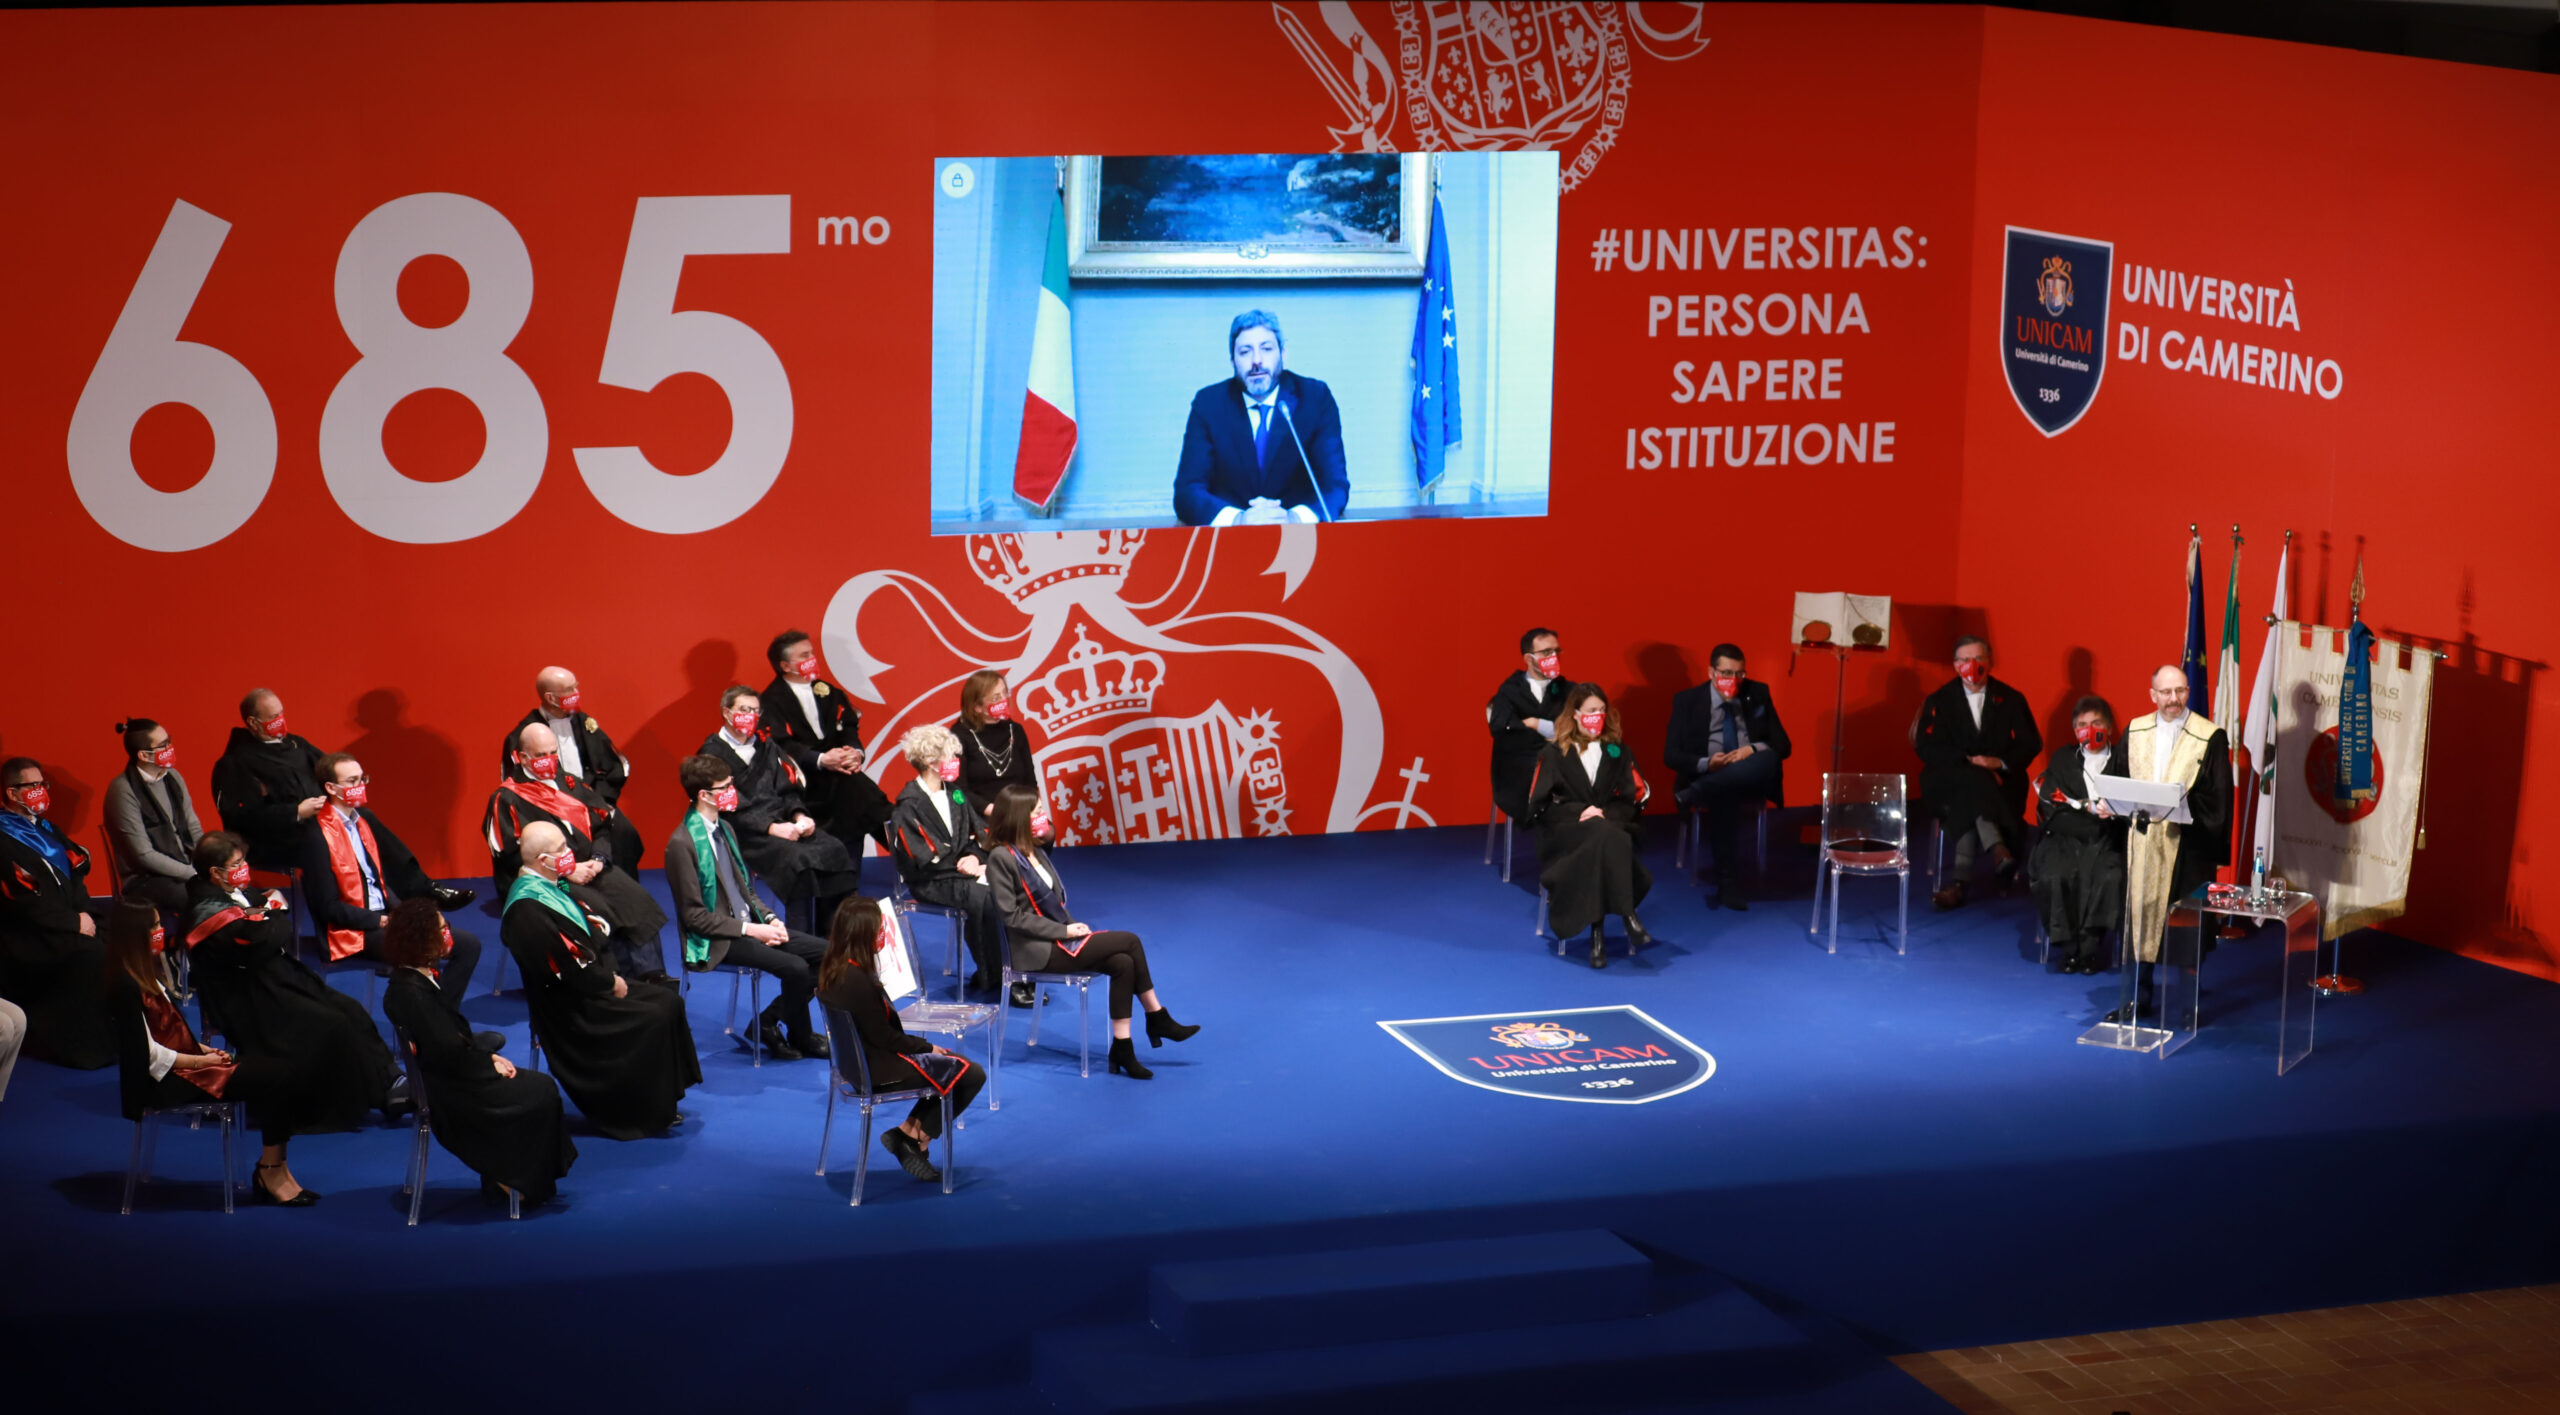 Università di Camerino, inaugurato il 685° Anno Accademico